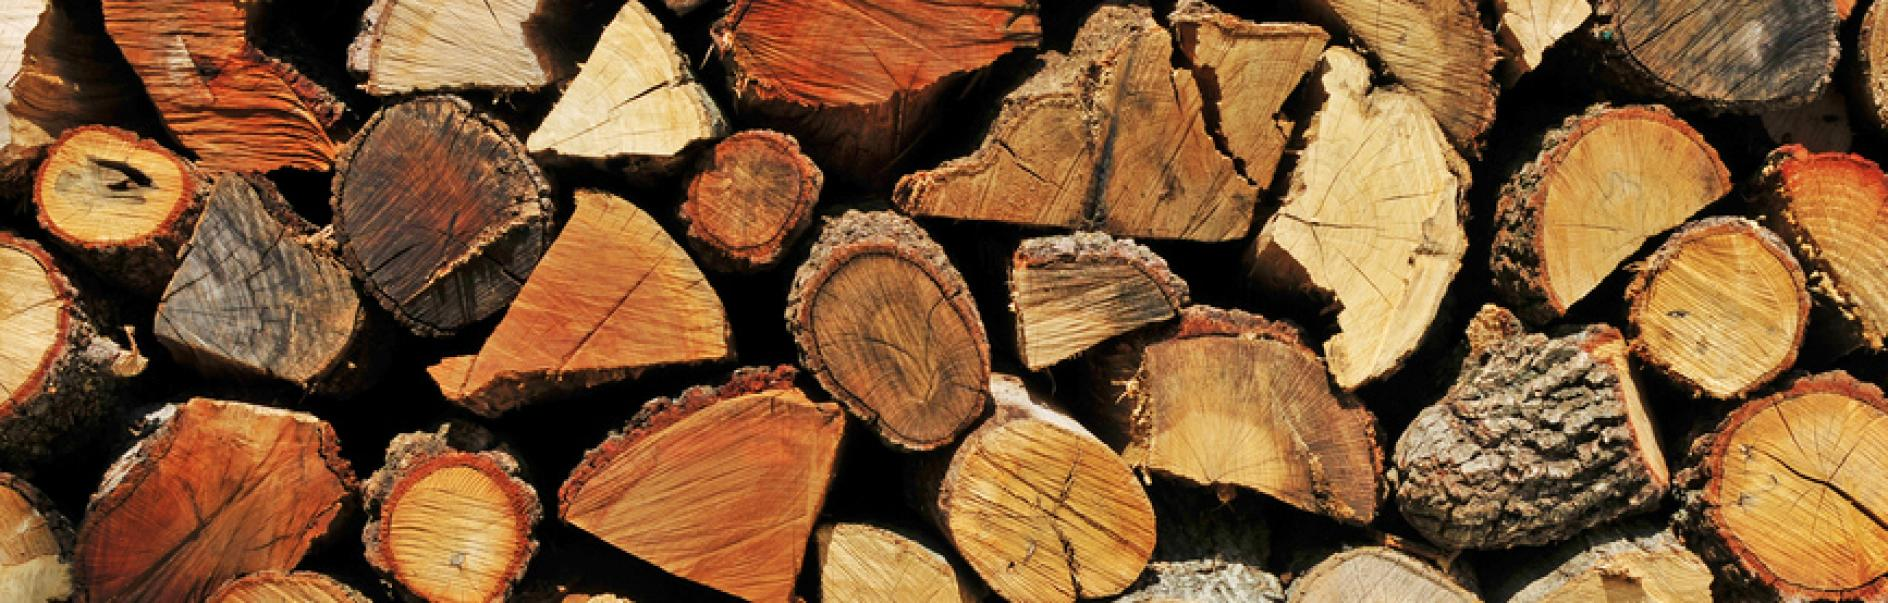 Construire Abris Bois construire un abri pour le bois